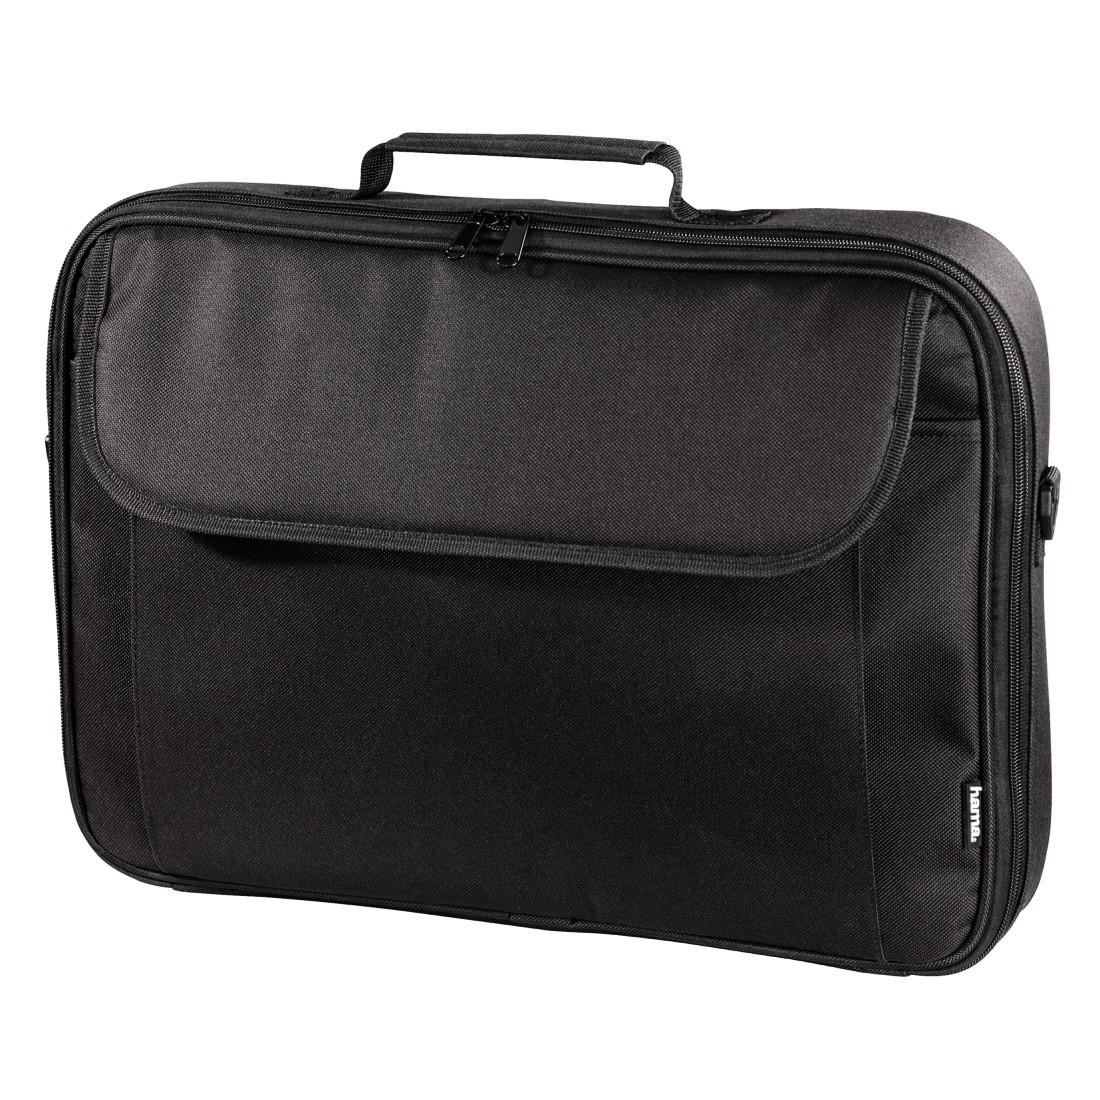 Сумка для ноутбука 17.3 Hama Sportsline Montego, Black (00101087) сумка для ноутбука 17 3 hama sportsline bordeaux черно серый полиэстер 101094